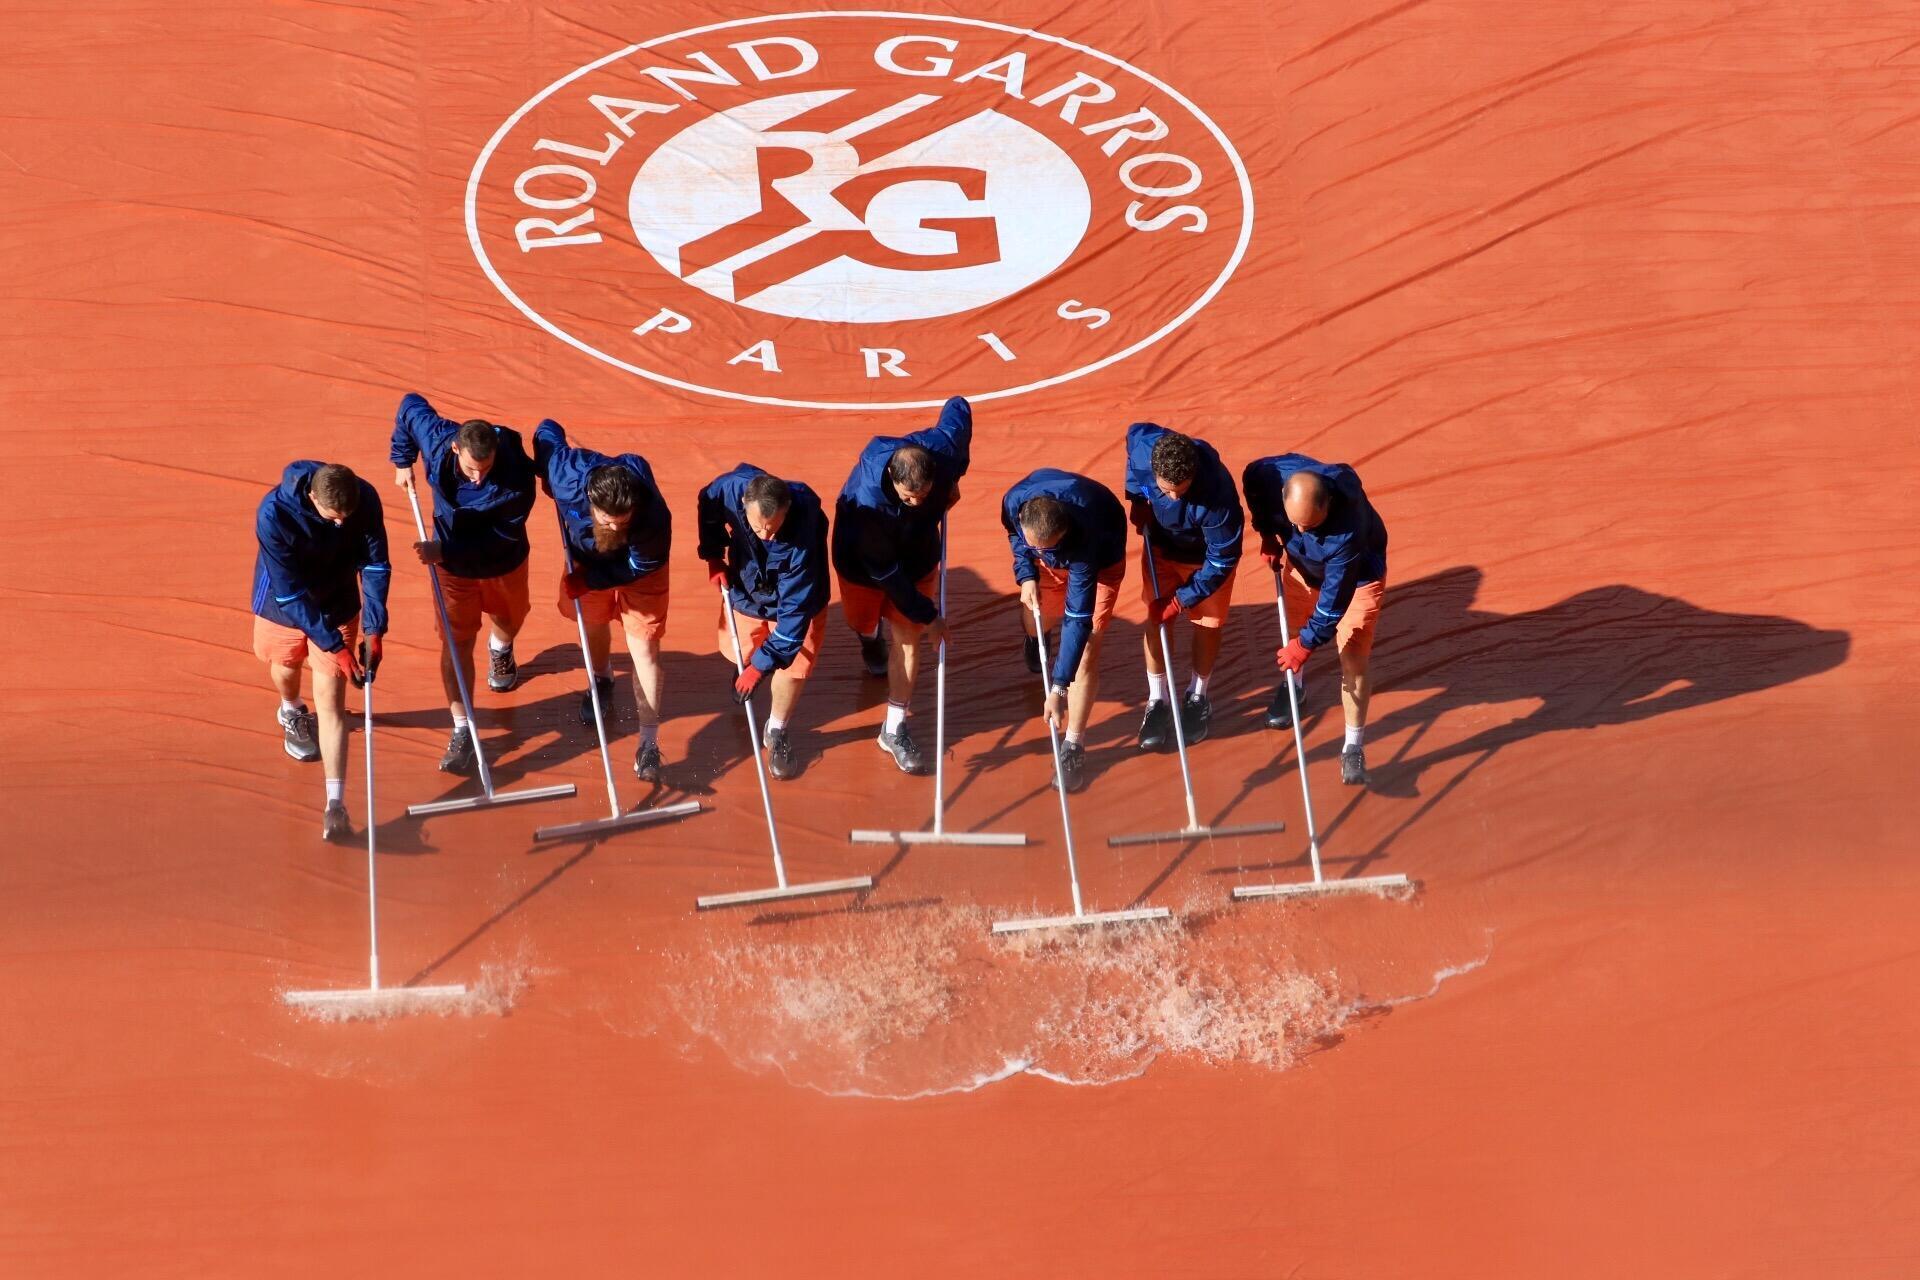 Funcionários retiram a água da chuva que cobriu as quadras de Roland Garros nesta terça-feira, 6 de junho de 2017.